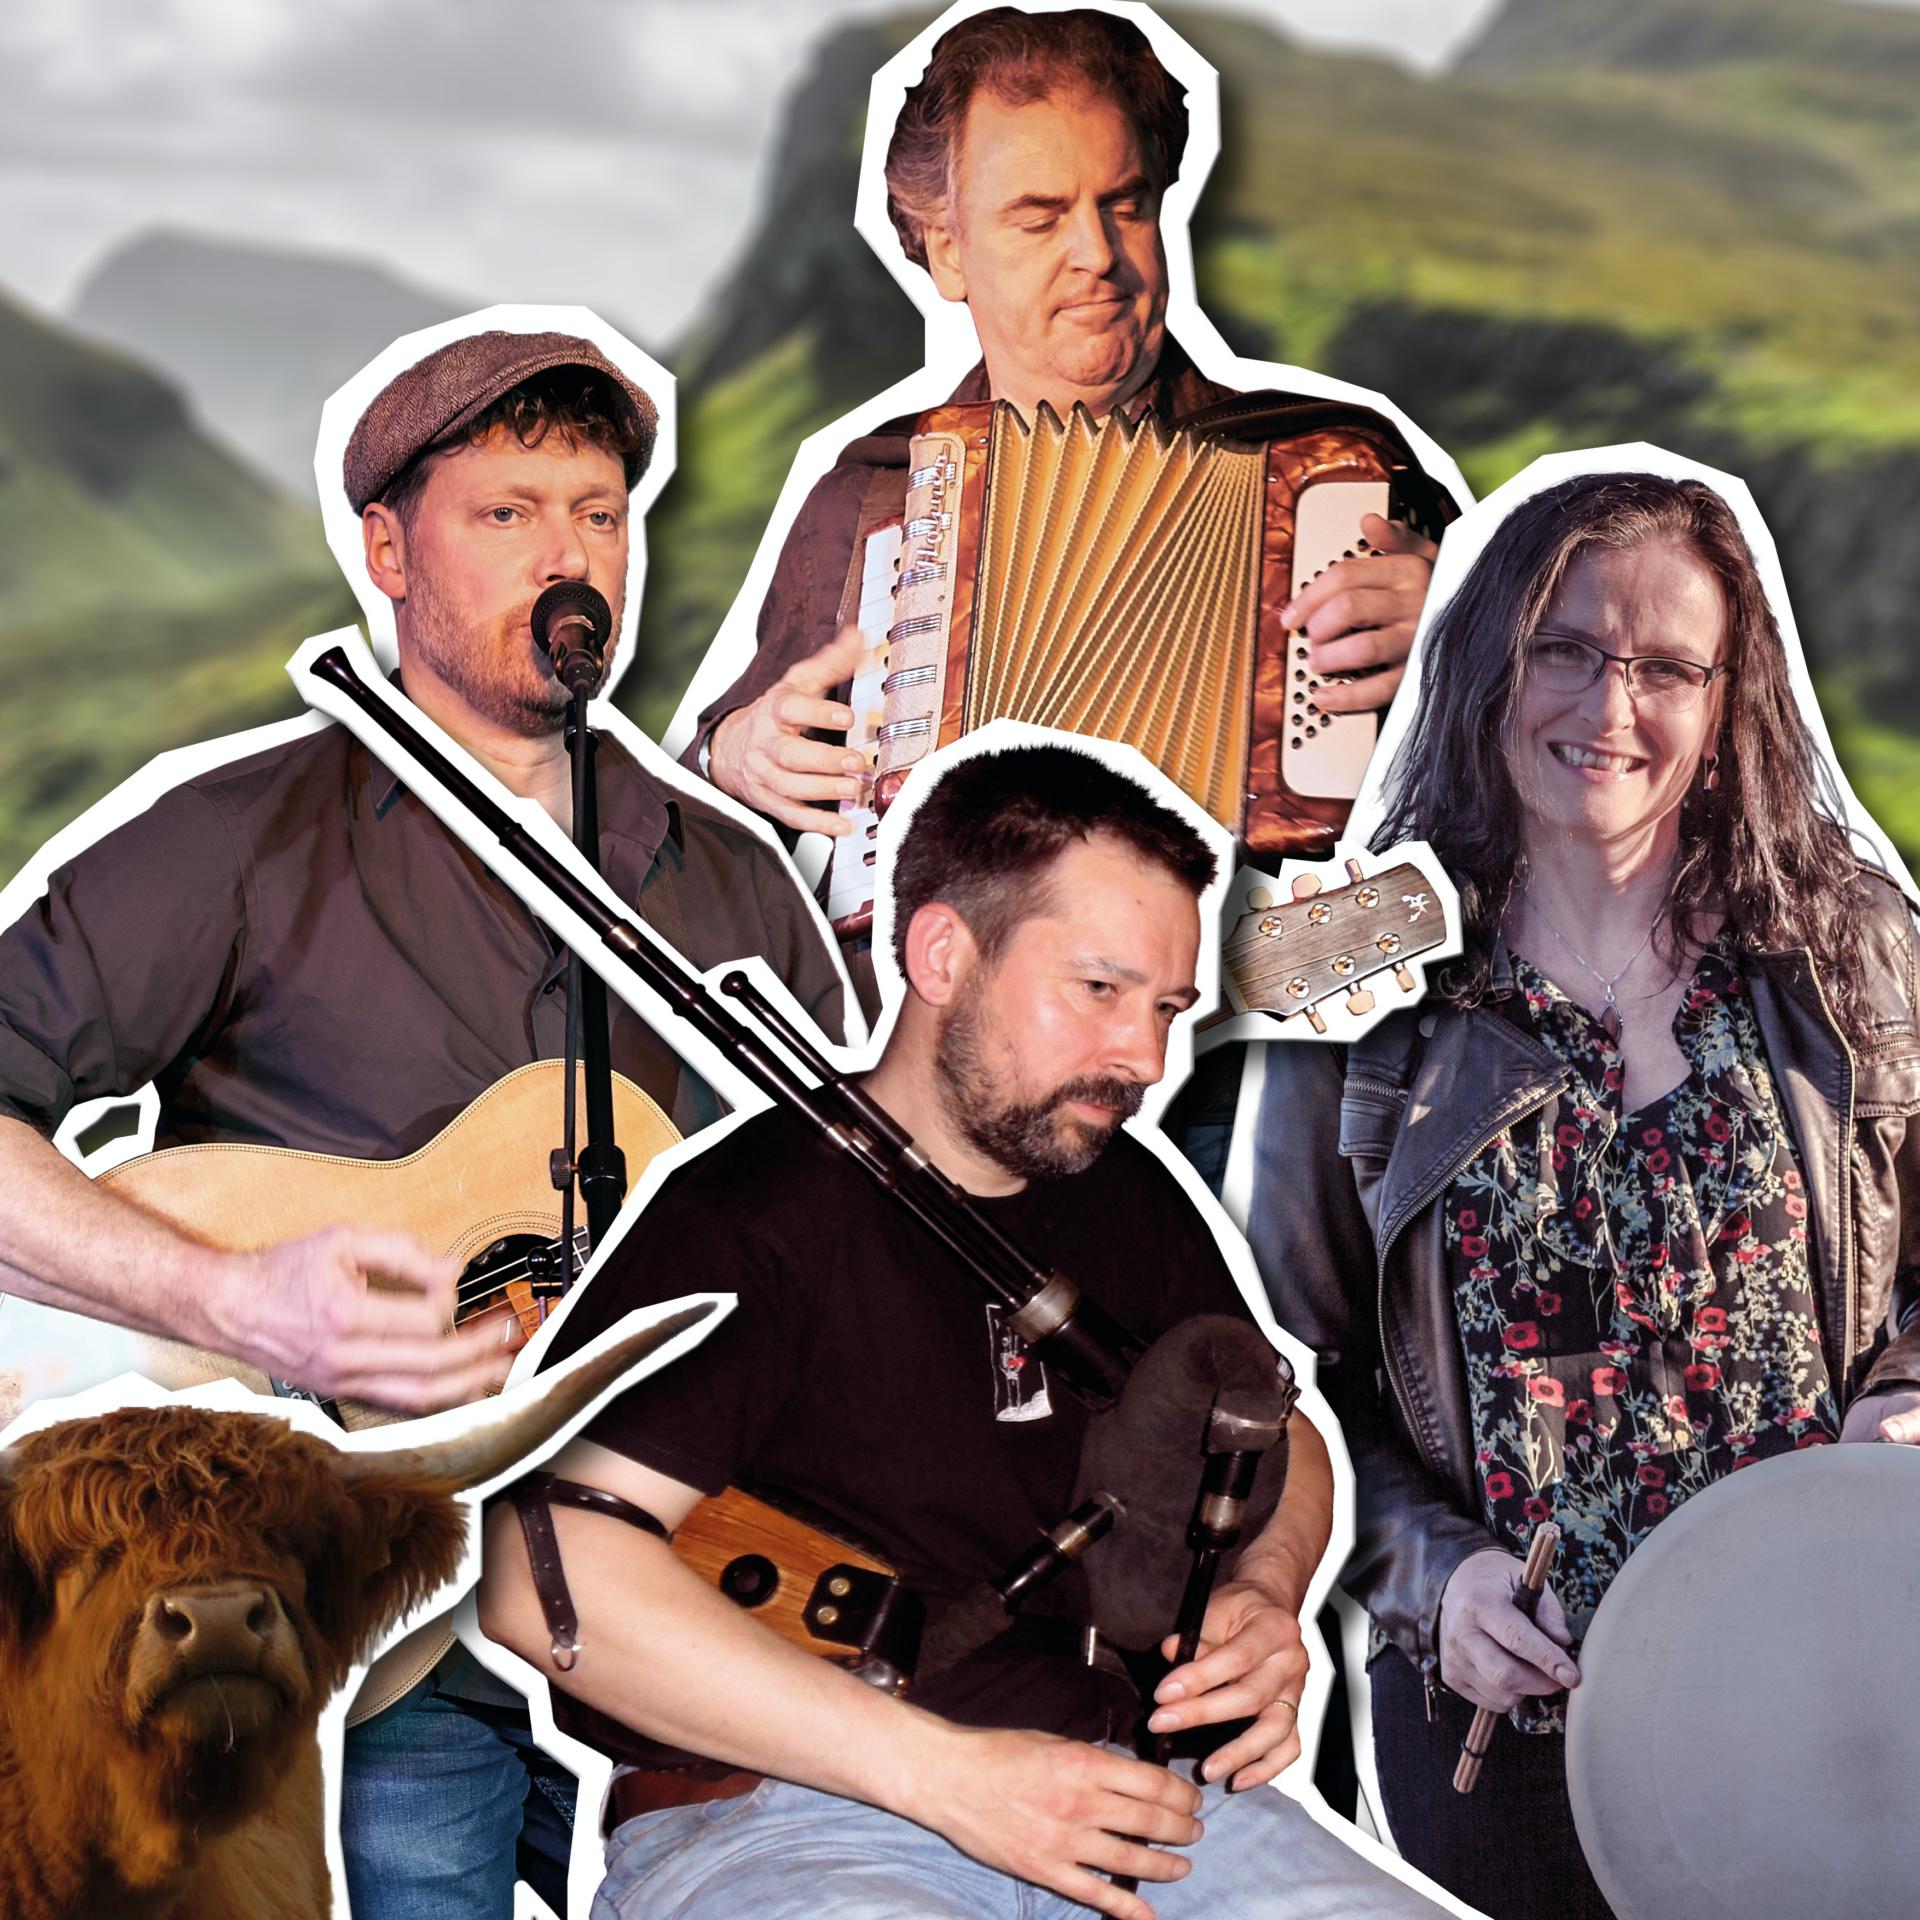 7. Keltischer Musikabend